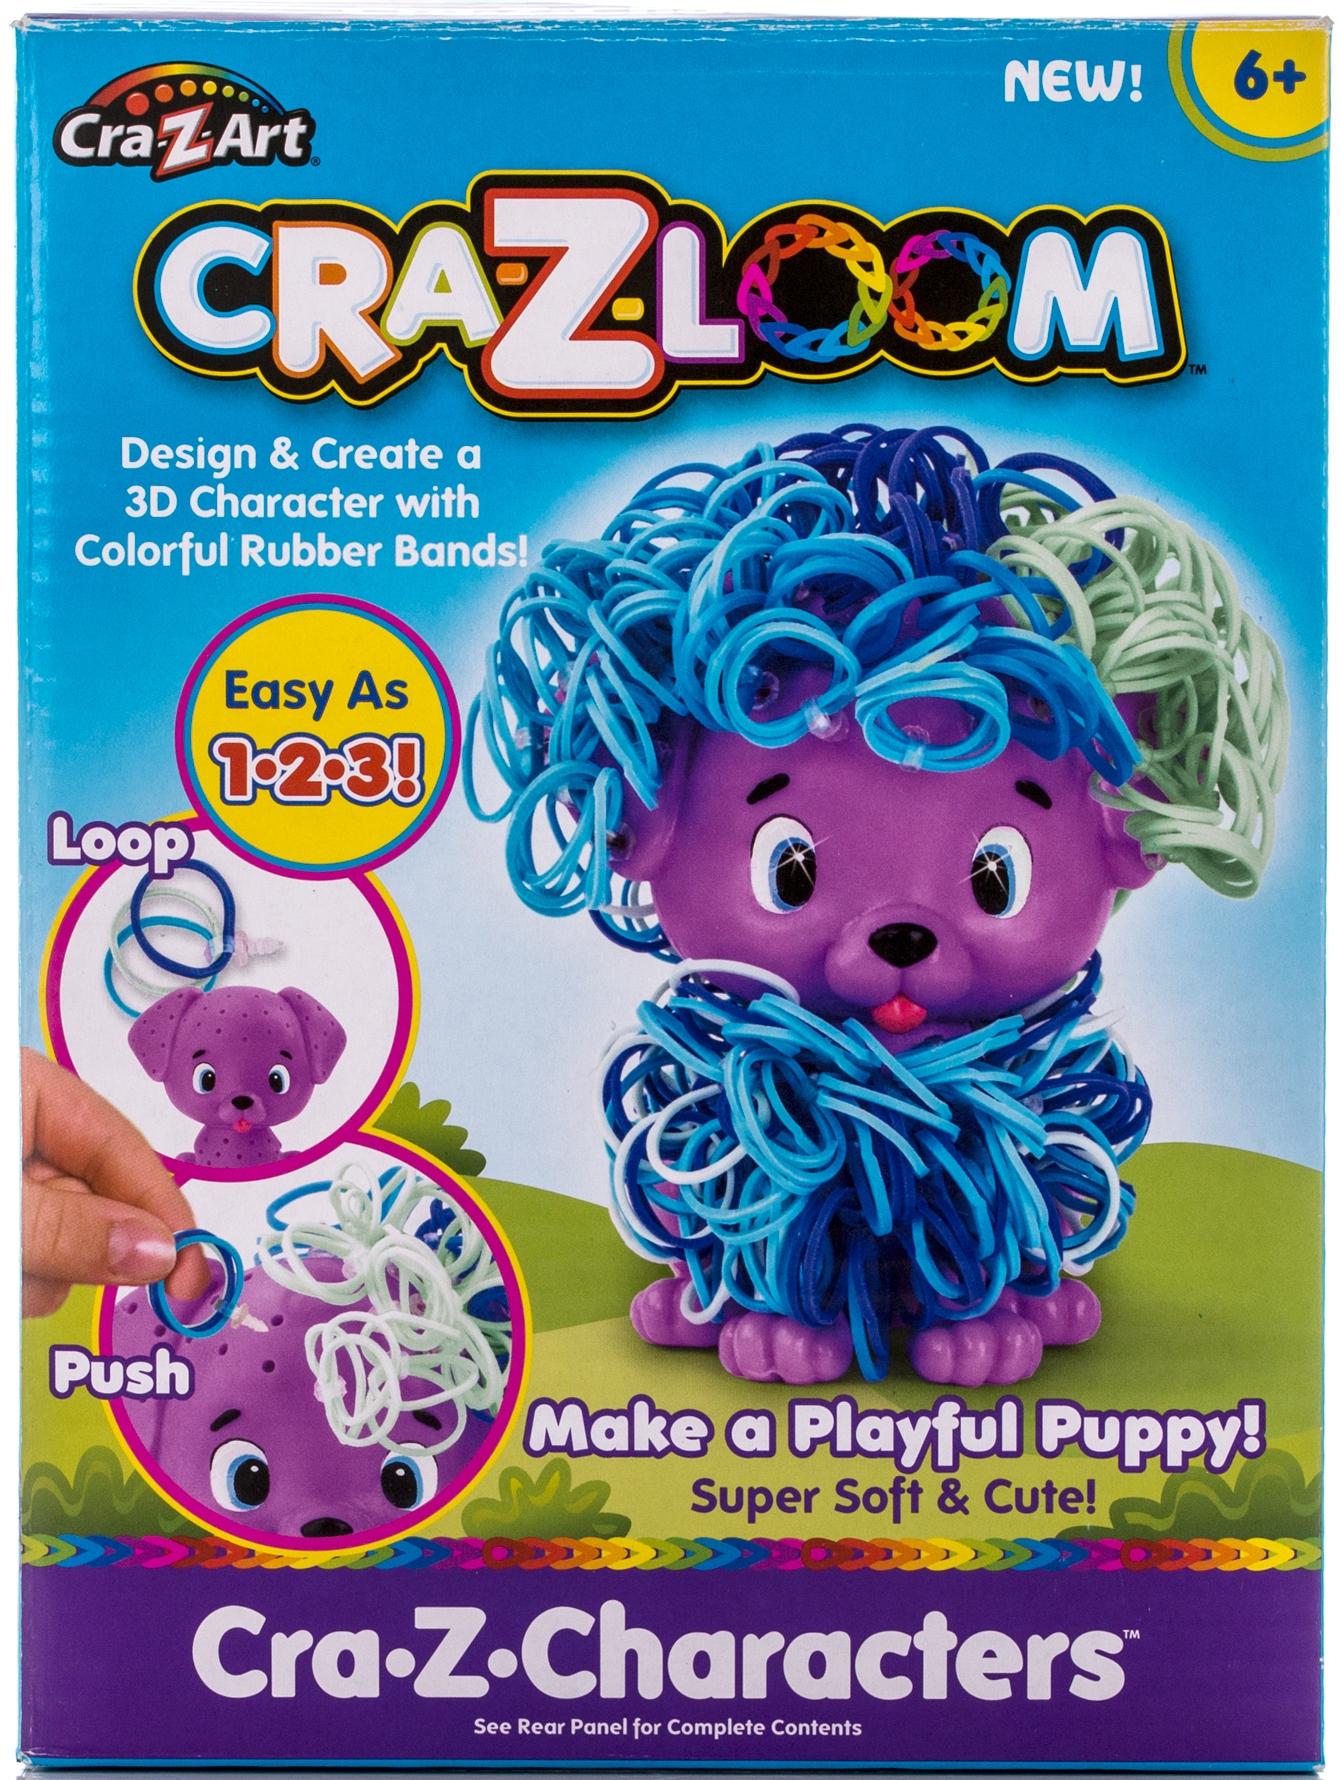 Наборы для творчества Cra-Z-Loom Набор для творчества Cra-z-Loom «Щенок» набор цветных резинок для плетения фенечек loom twister sv11757